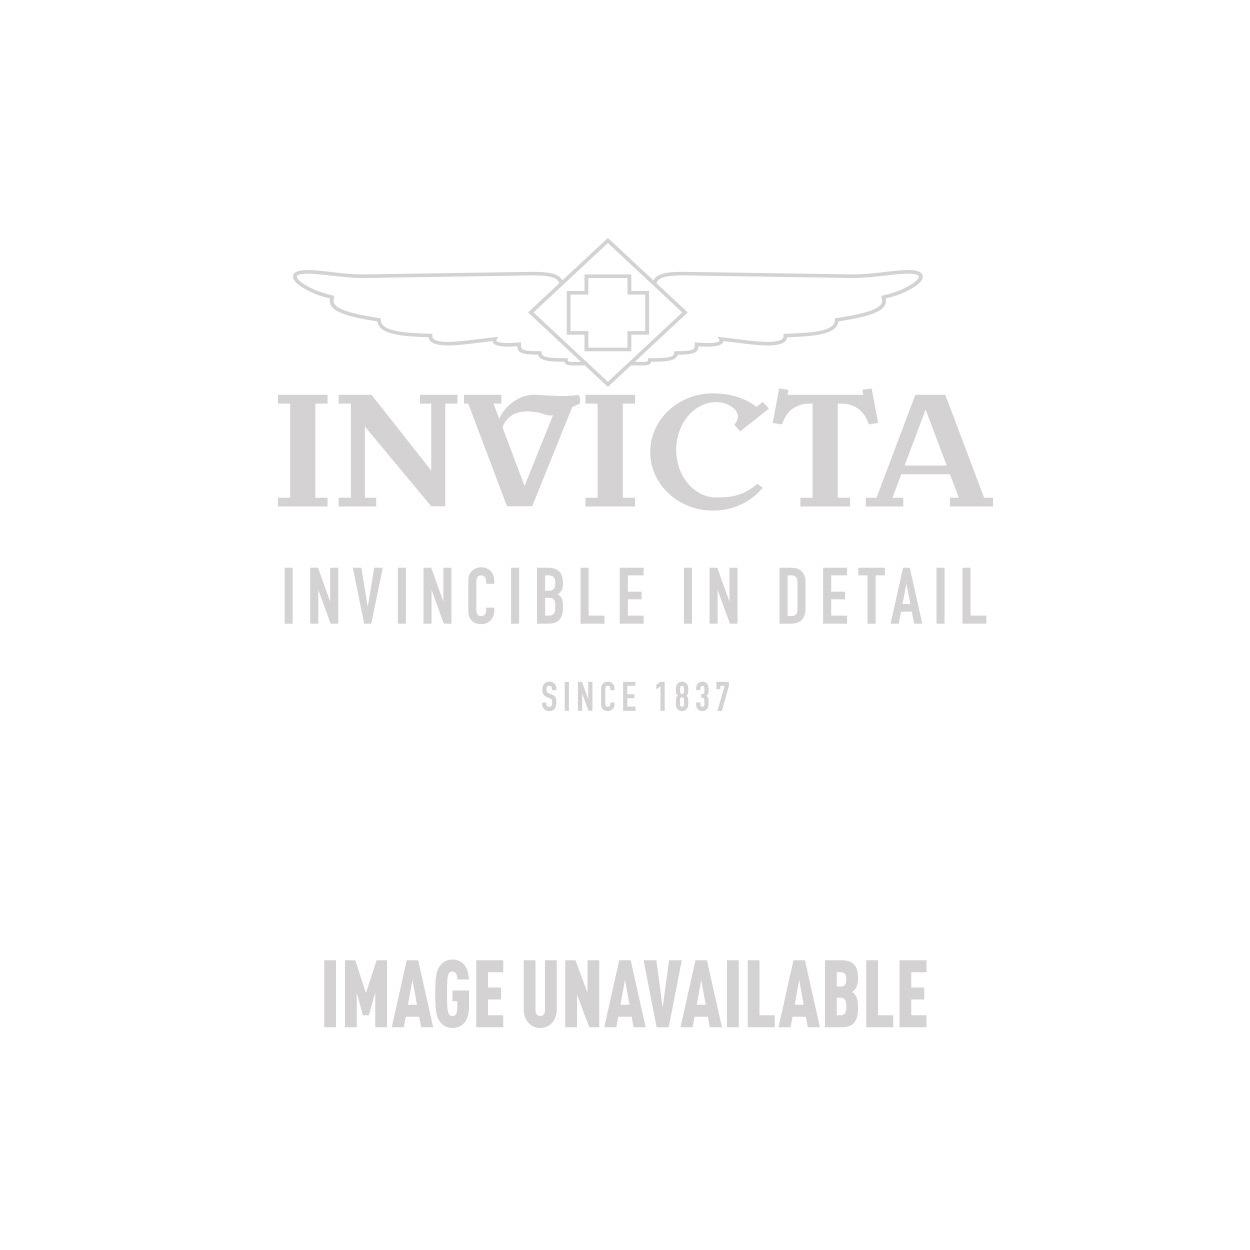 Invicta Model 28055